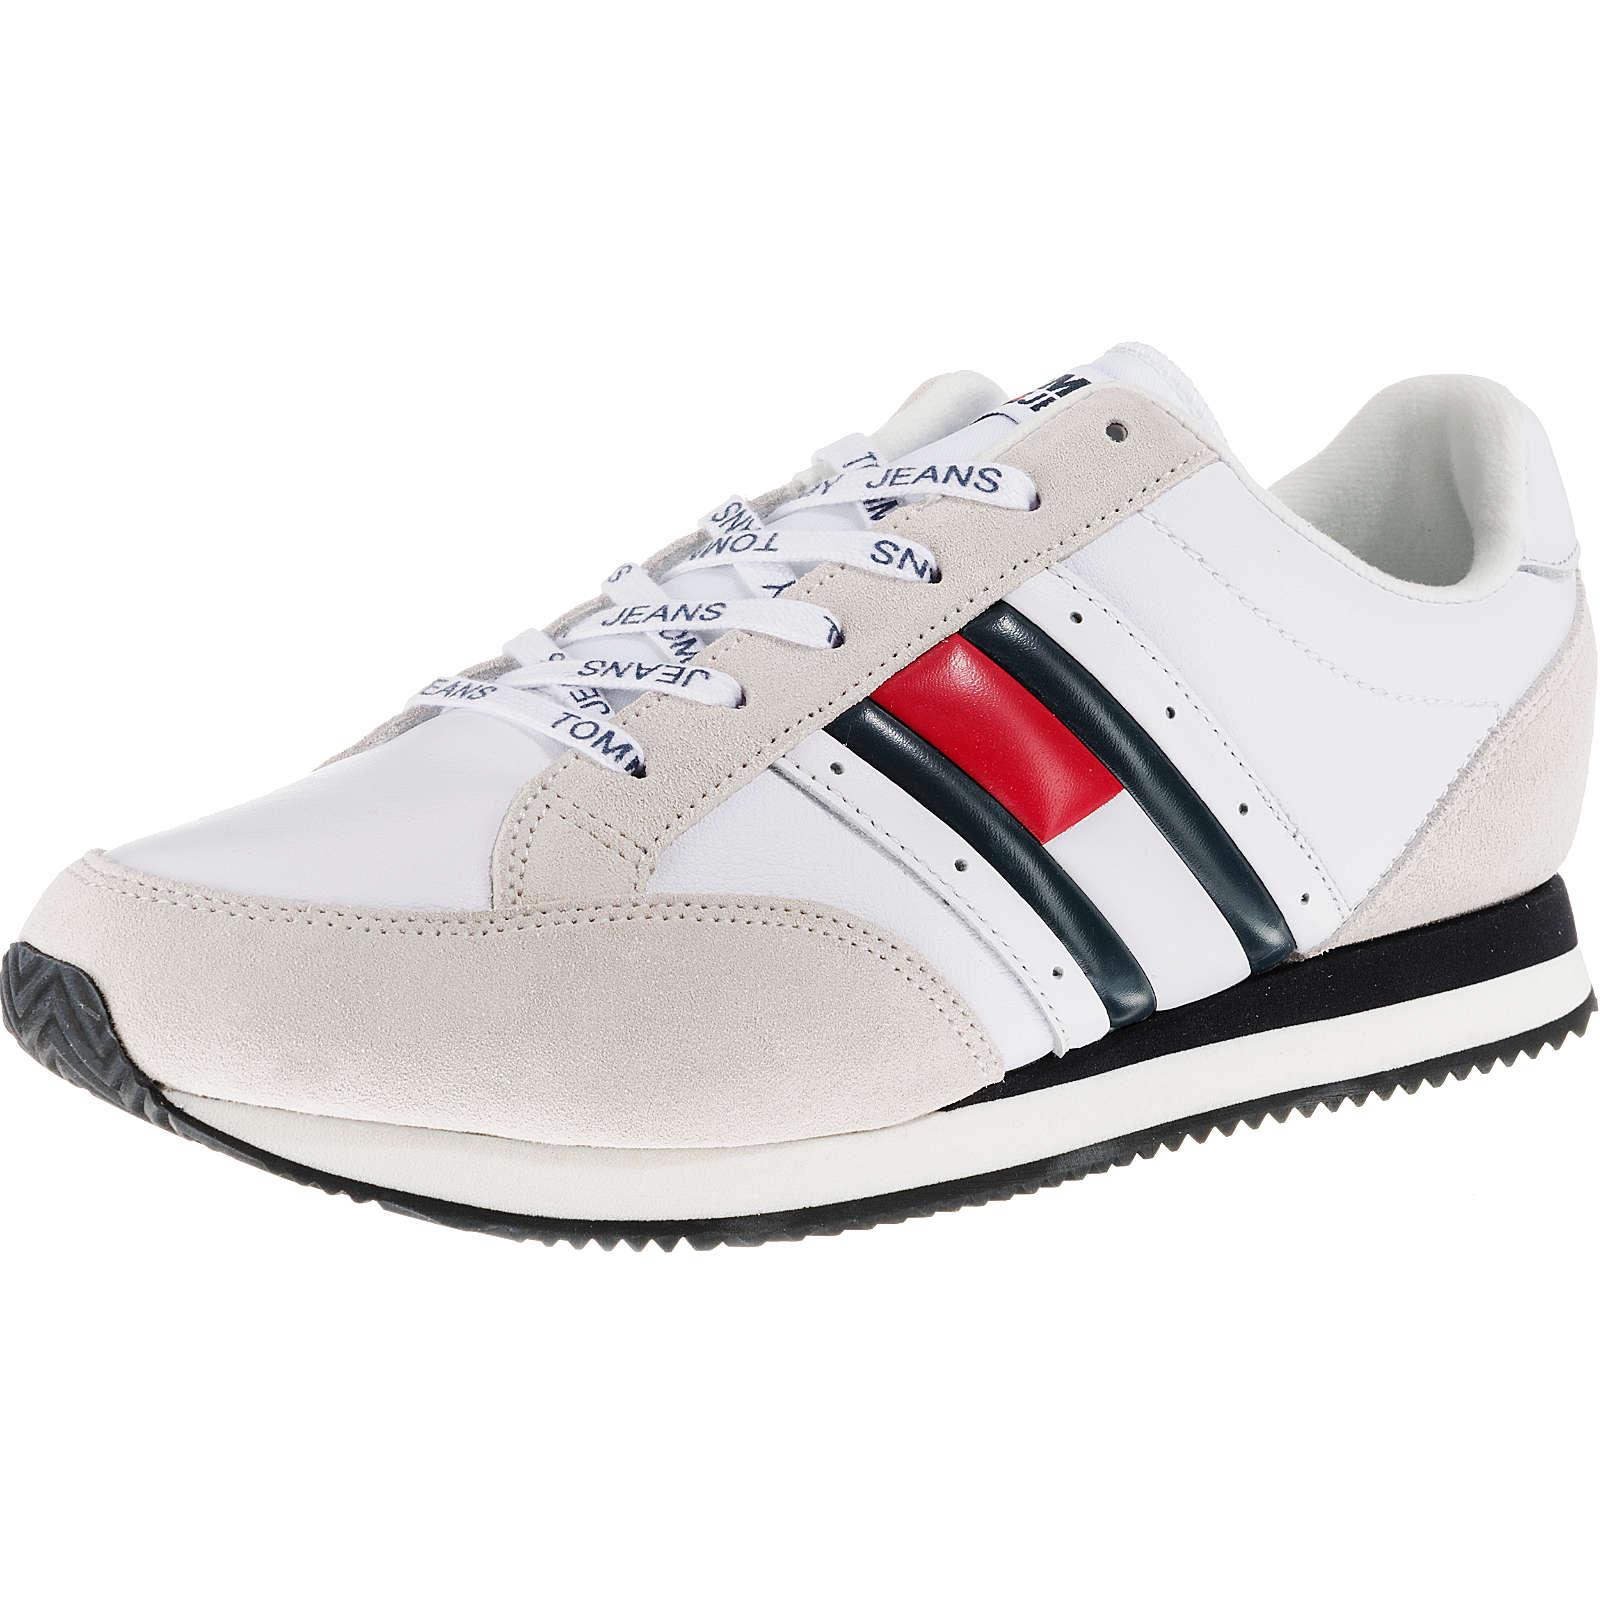 TOMMY JEANS Stevia 1A Sneakers Low weiß Herren Gr. 43